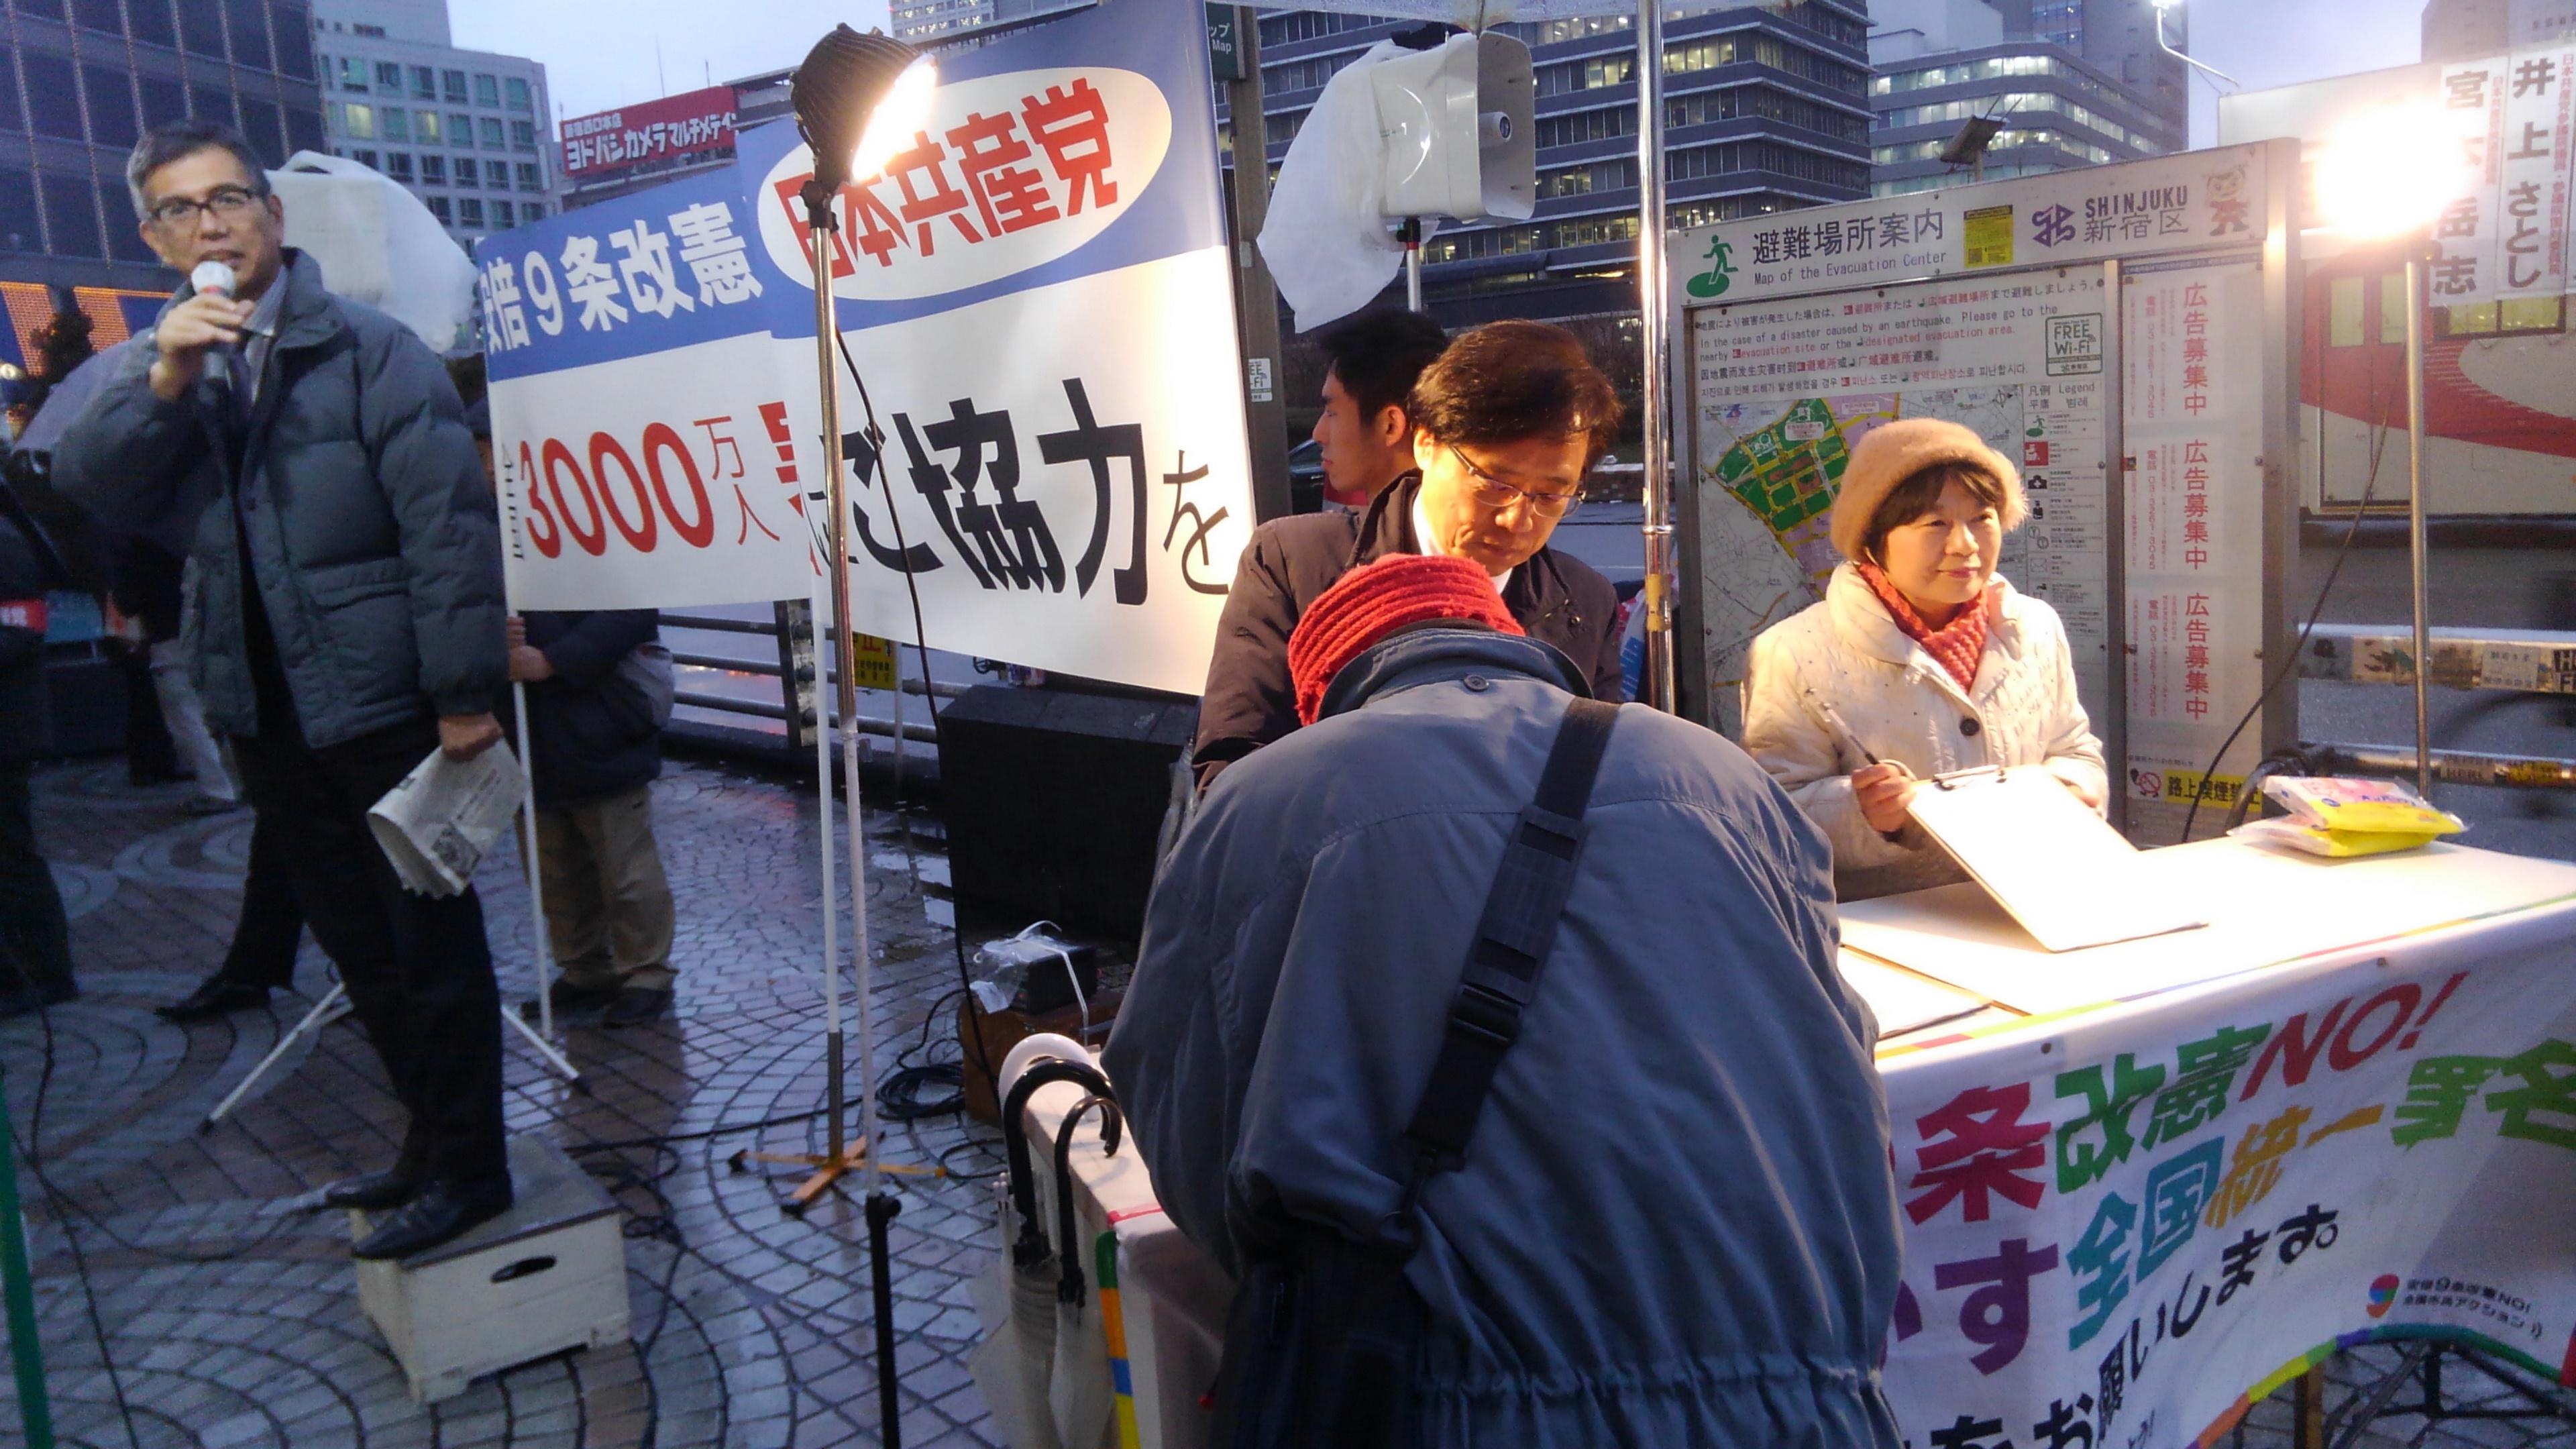 http://www.inoue-satoshi.com/diary/KIMG7780.JPG